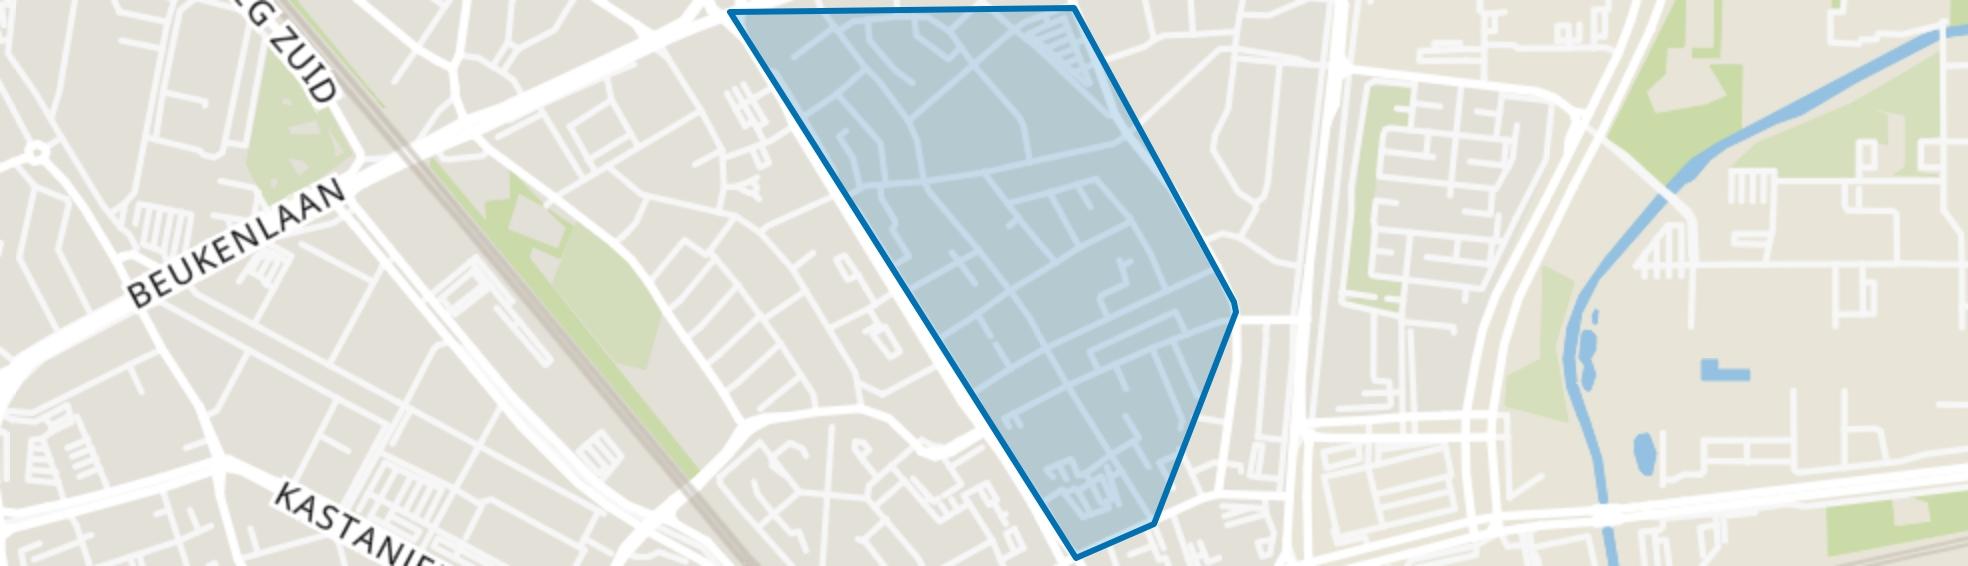 Hemelrijken, Eindhoven map